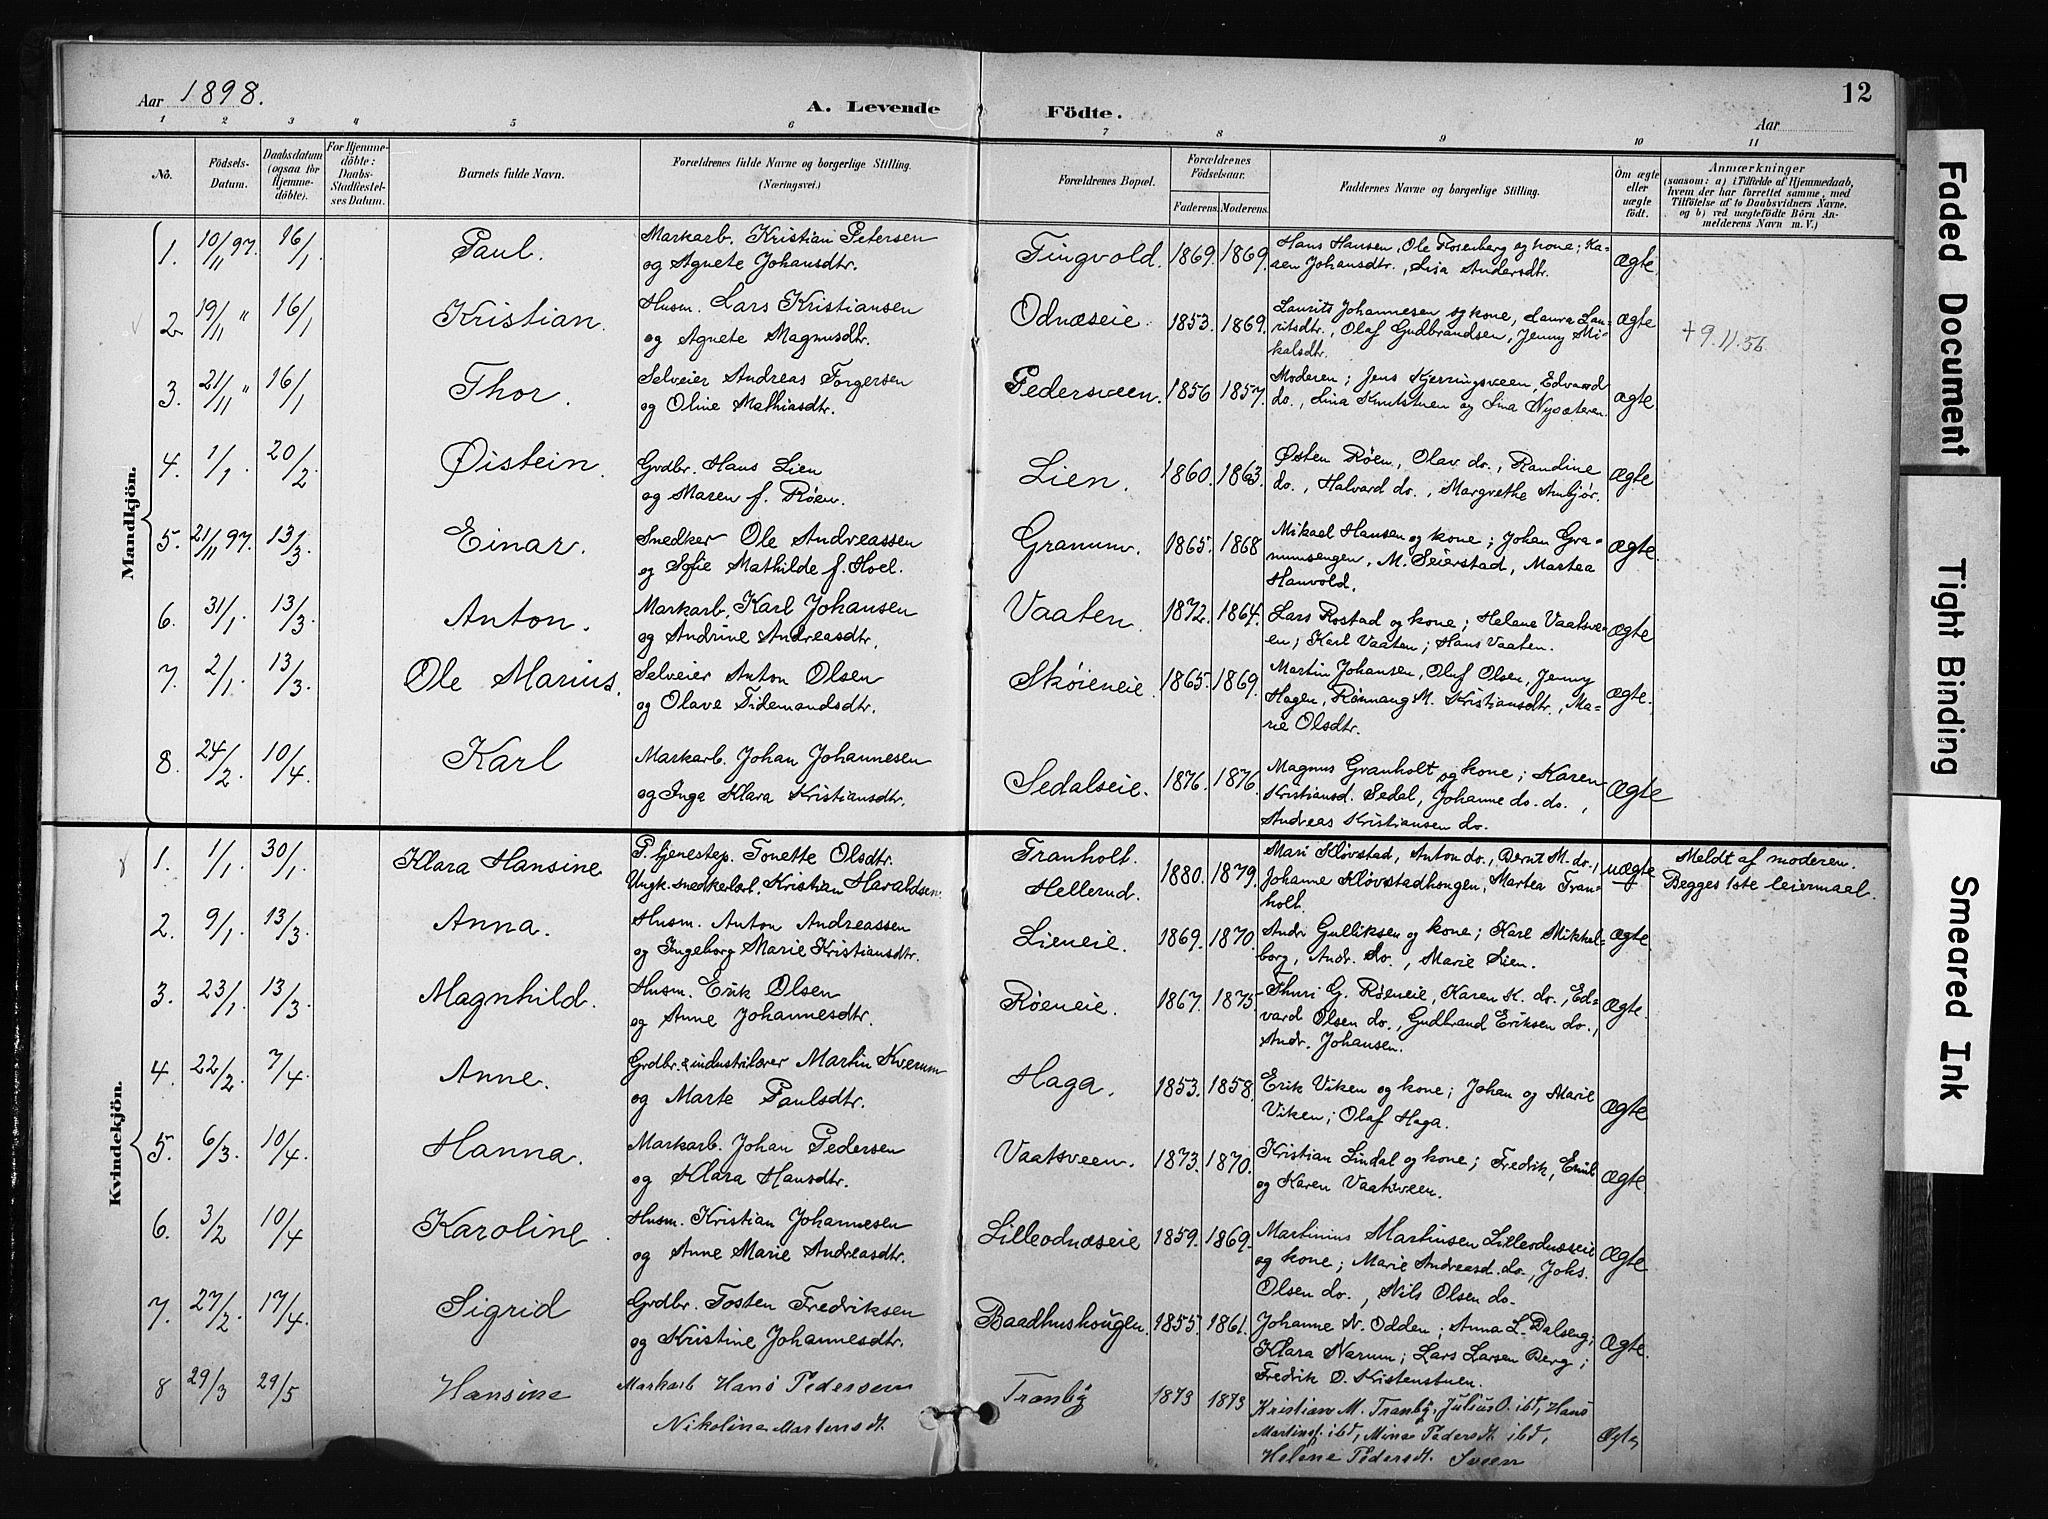 SAH, Søndre Land prestekontor, K/L0004: Ministerialbok nr. 4, 1895-1904, s. 12